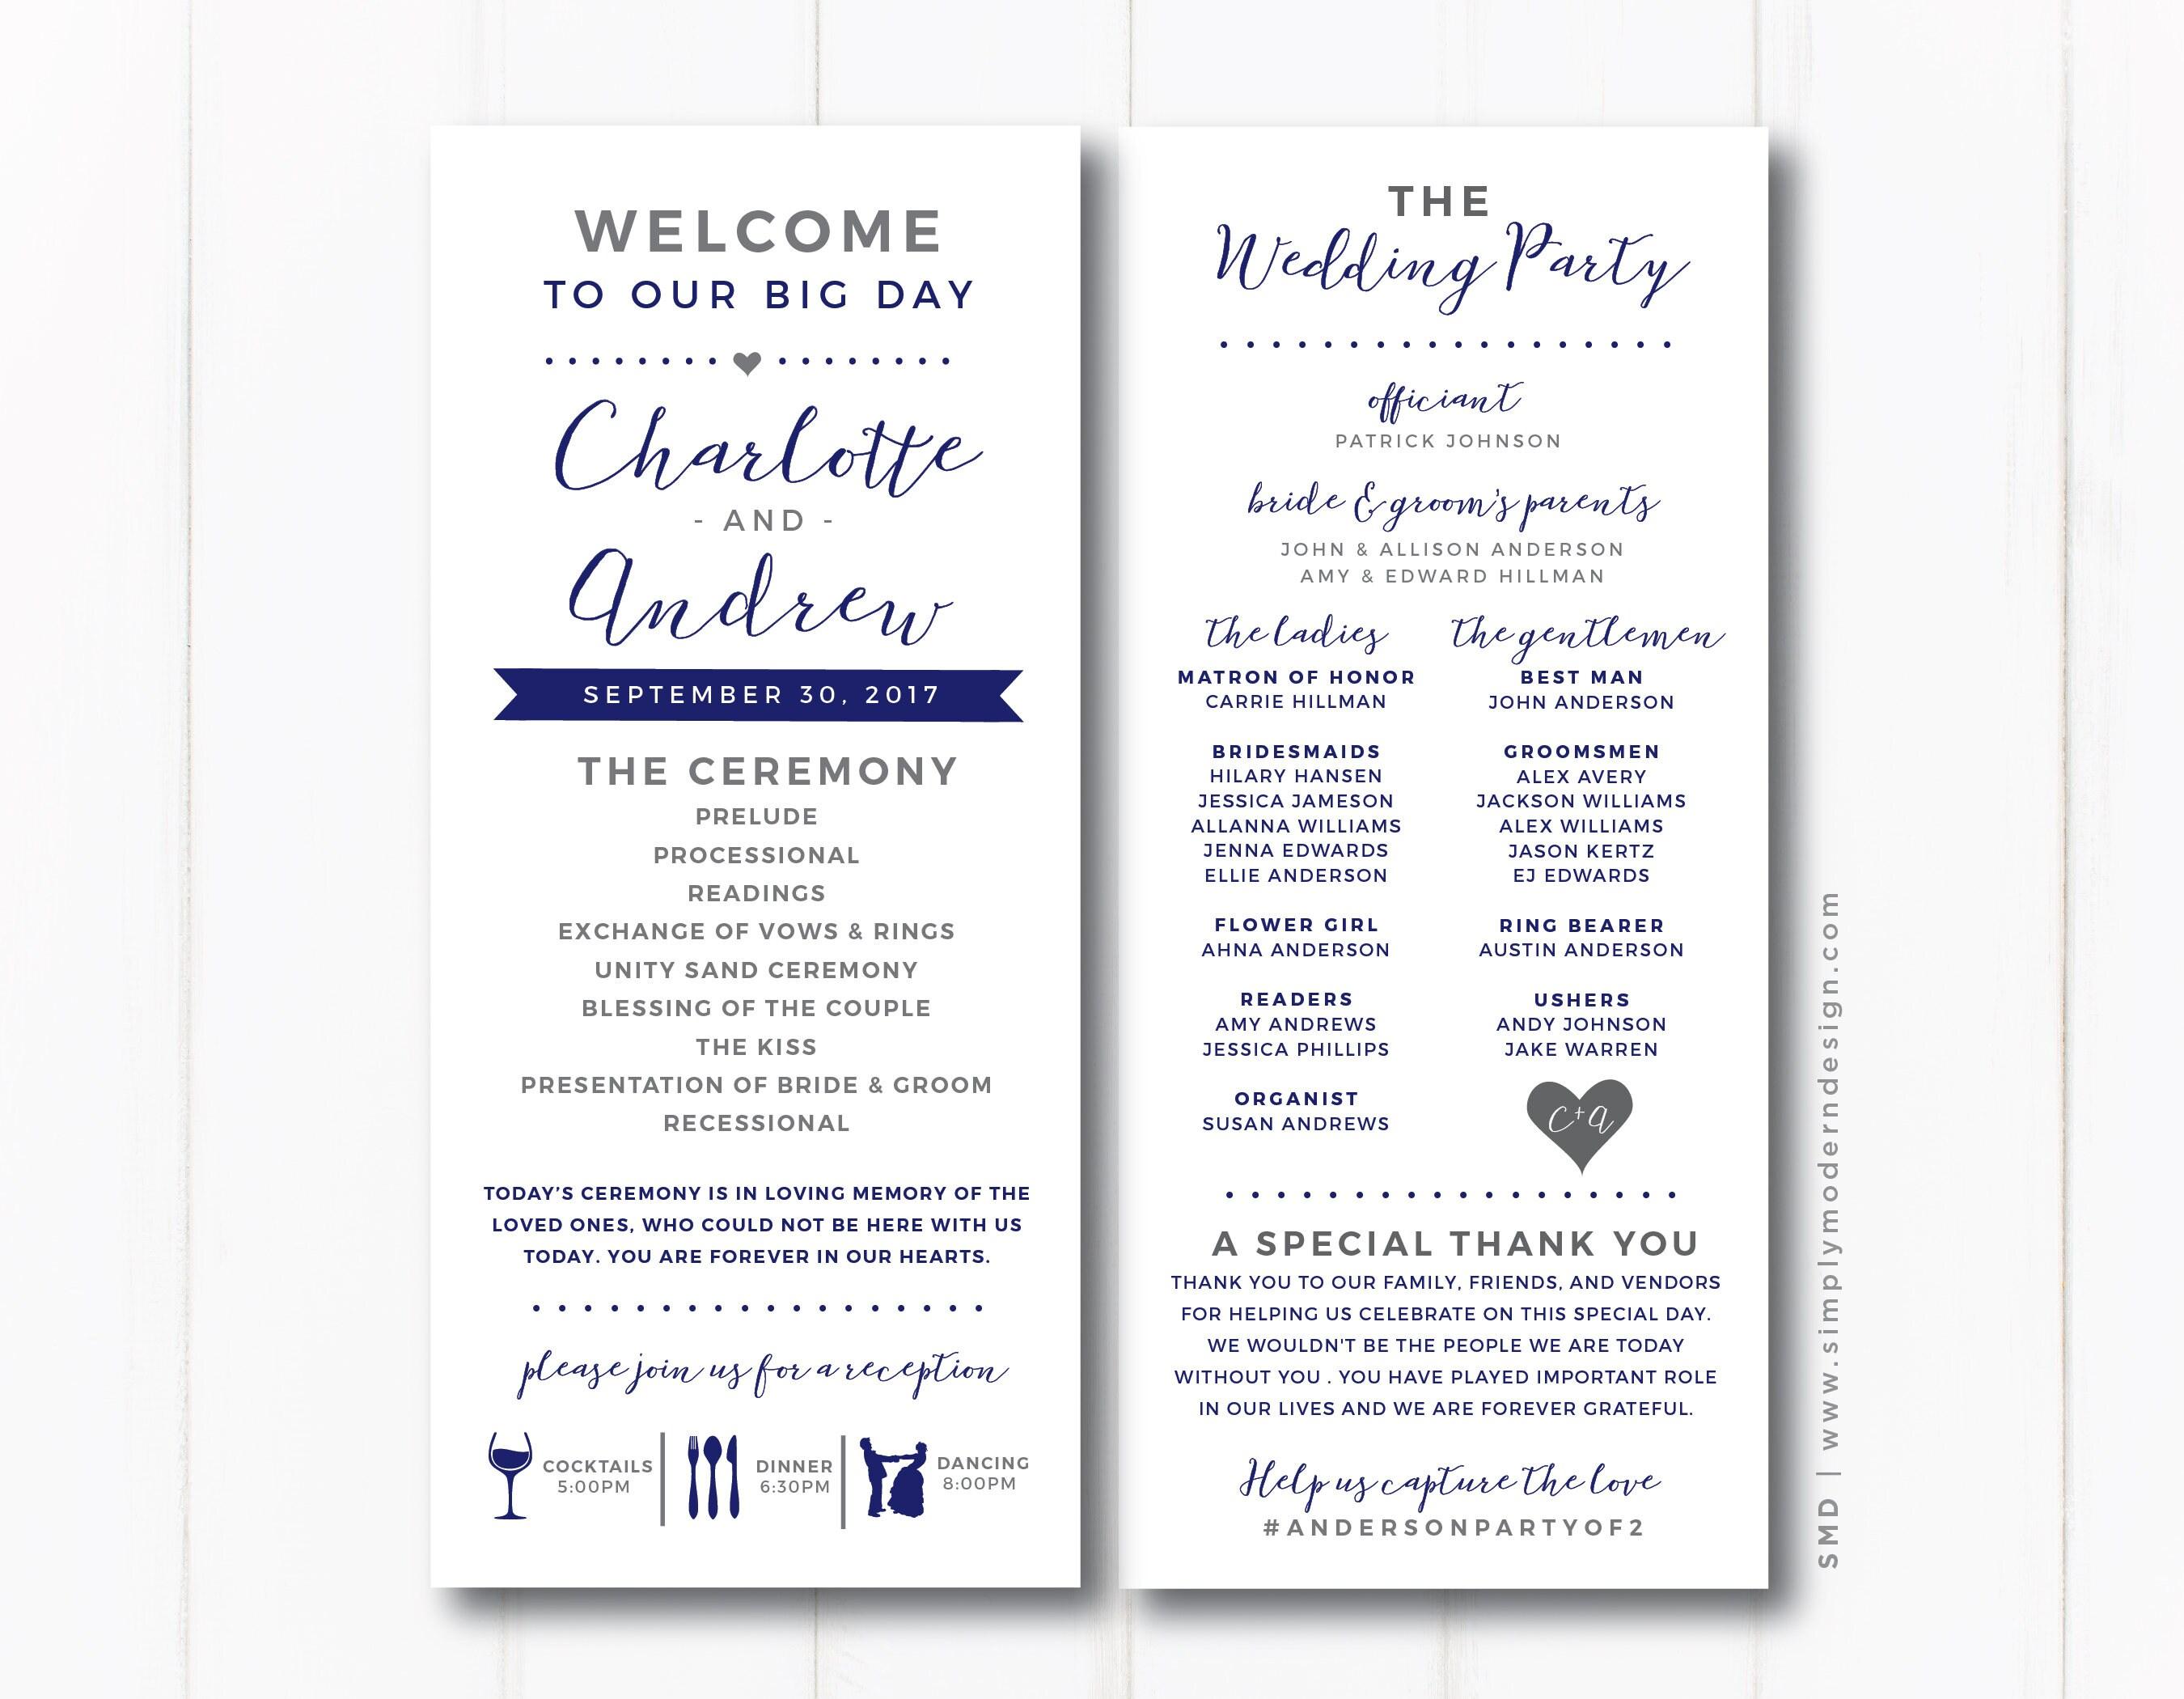 Unique Wedding Reception Program Ideas: Wedding Program Ceremony Fun Unique Modern Reception